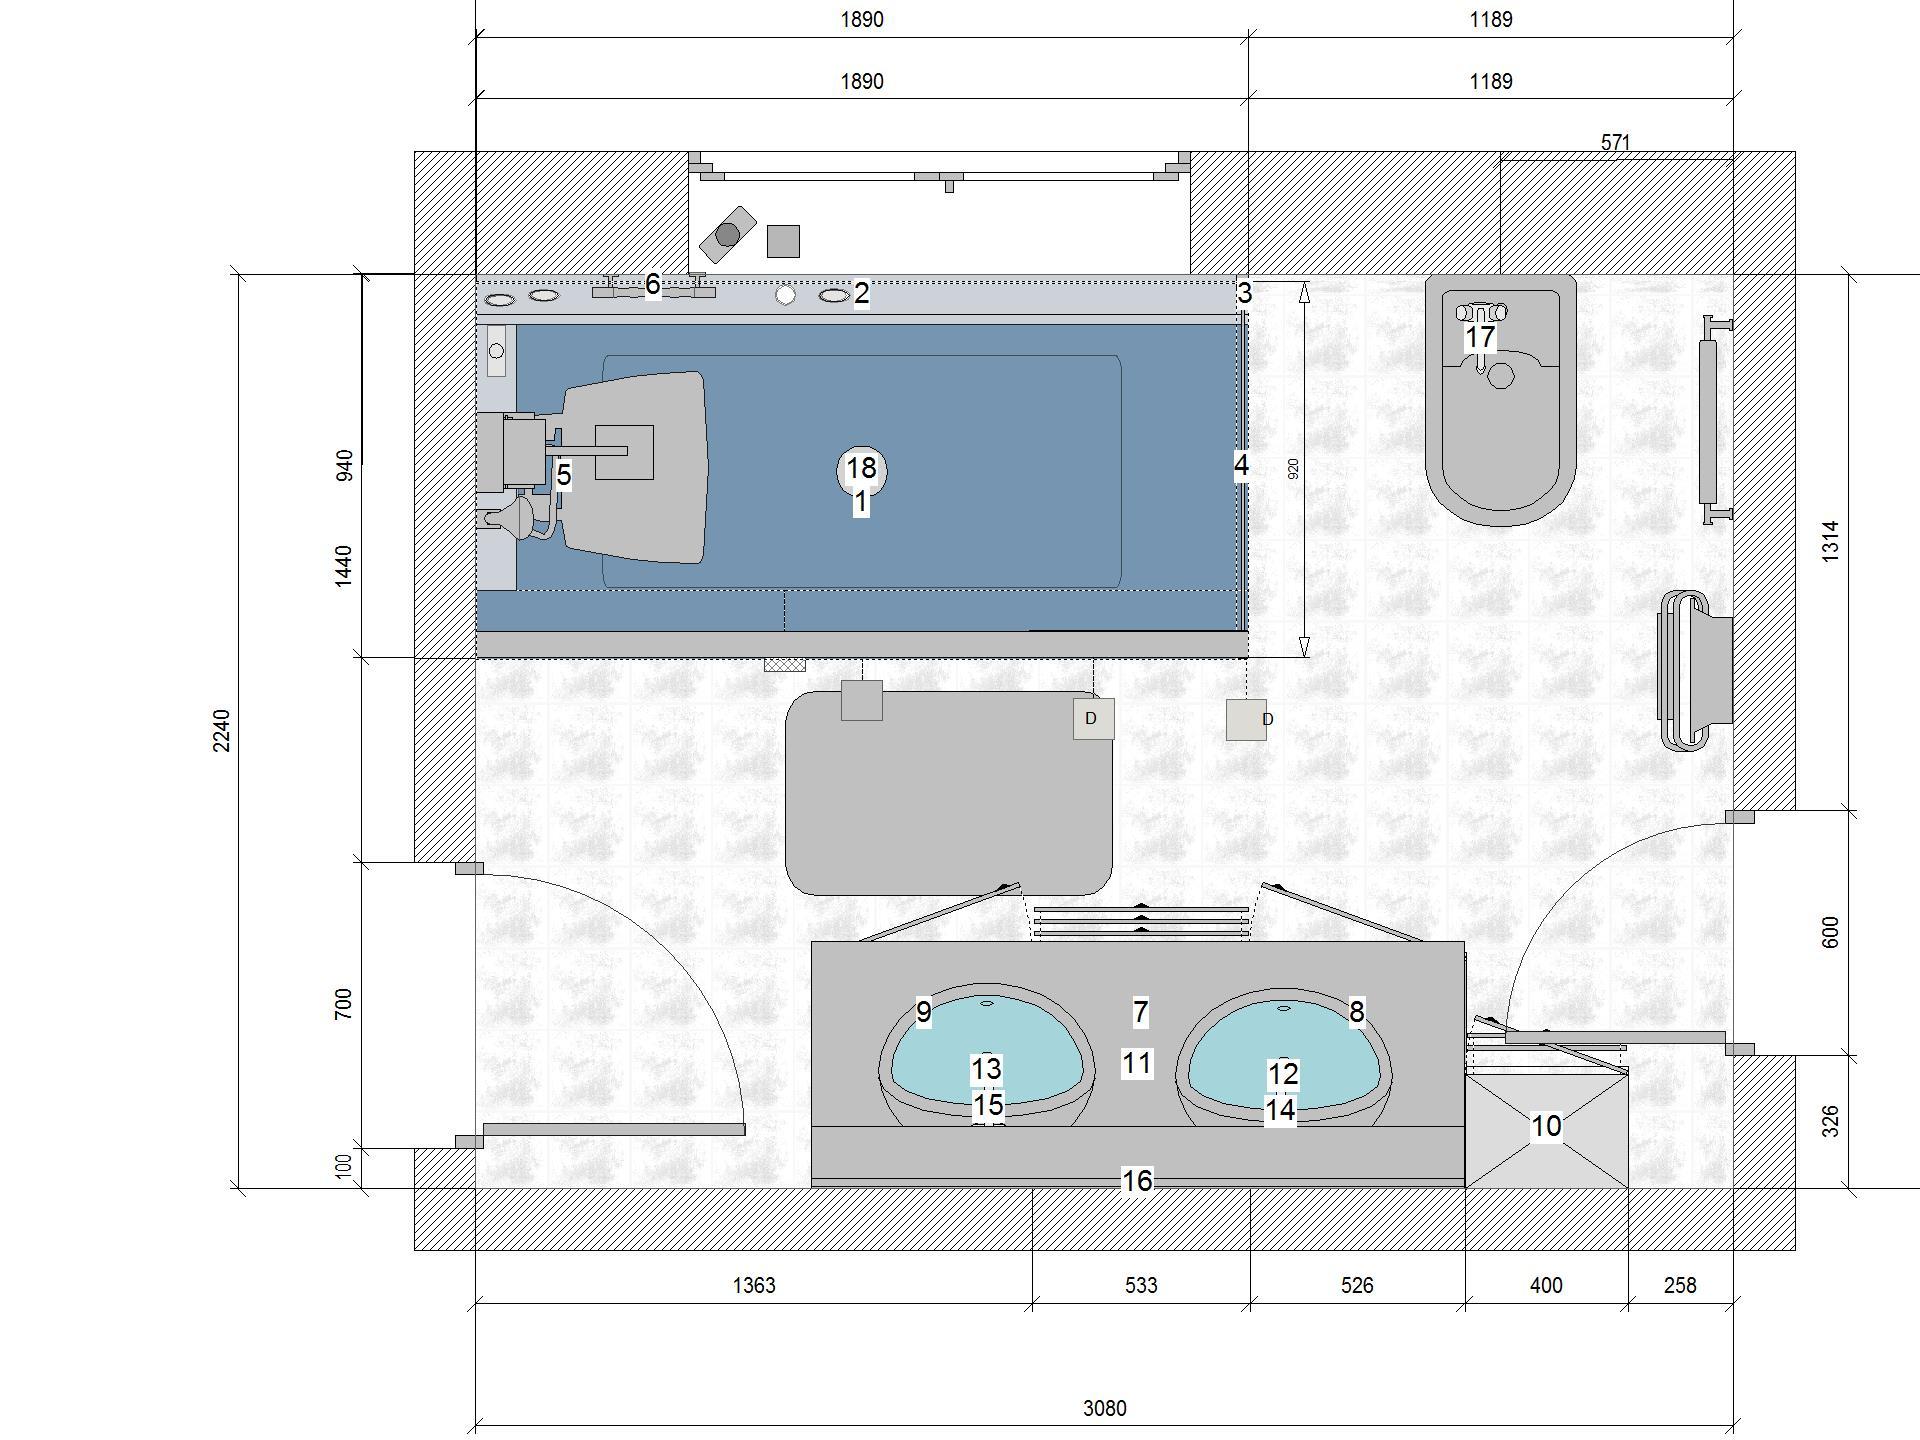 Logiciel Salle De Bain Ikea Beau Images Salle De Bain 3d Ikea Salle De Bain Beton Cire Conception Et